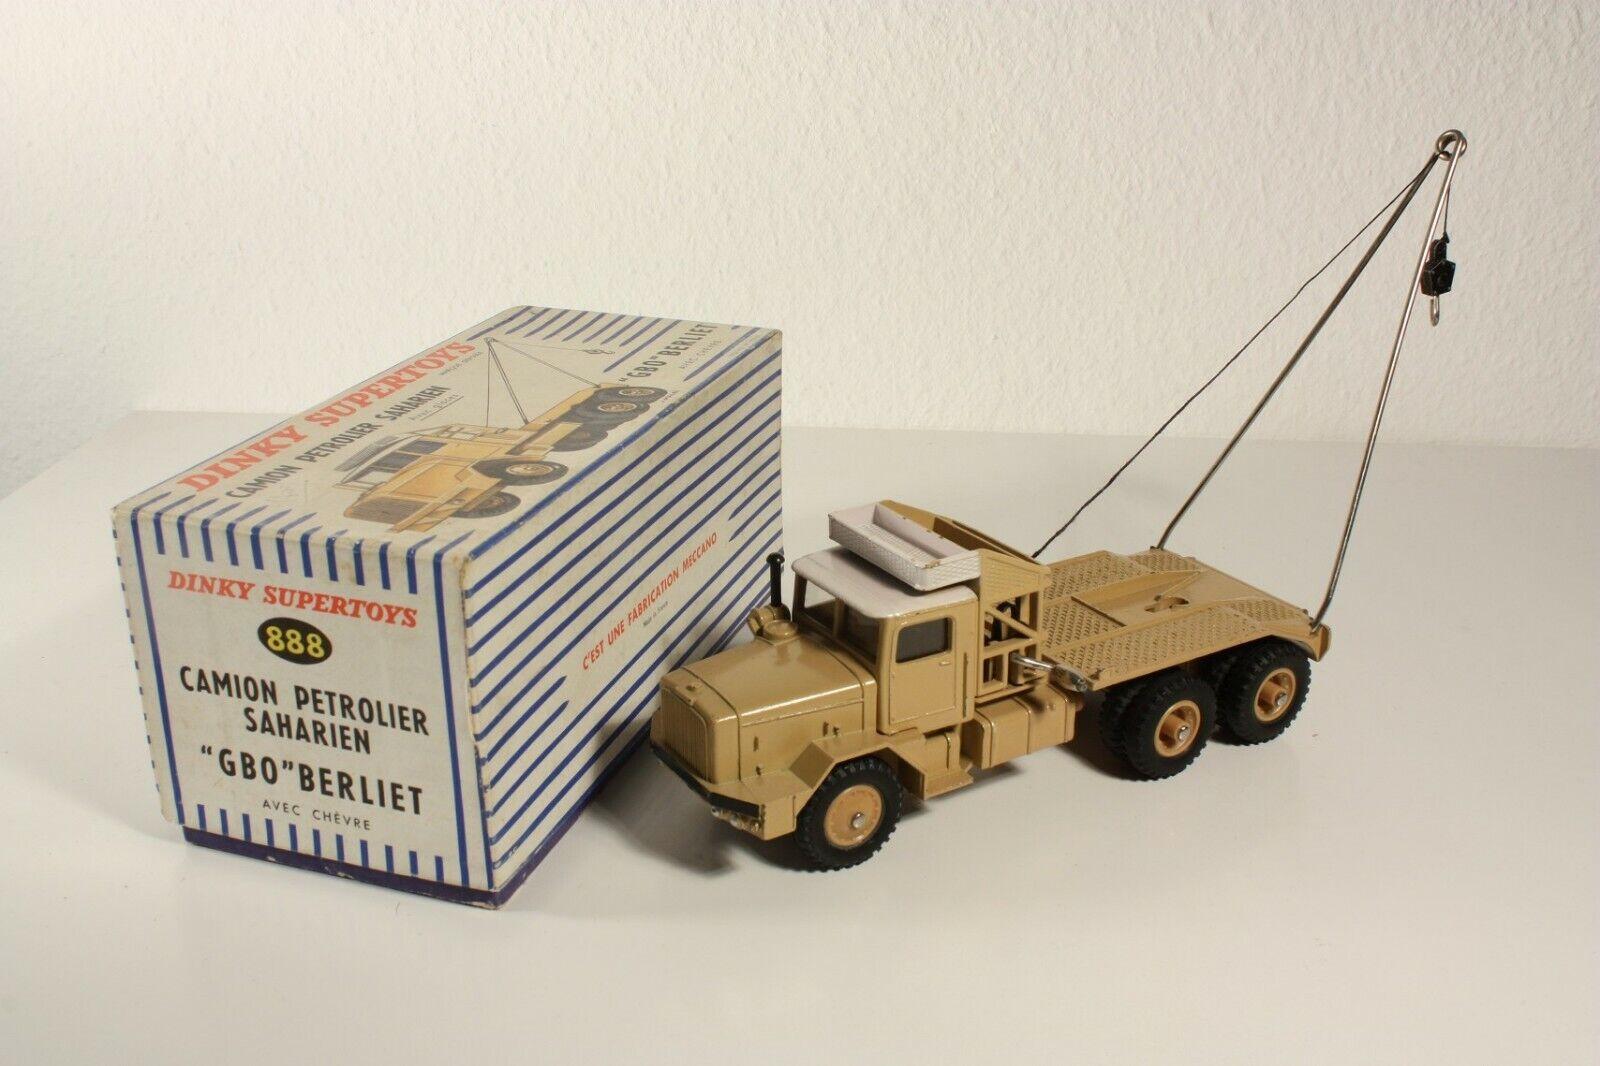 Dinky Toys 888, disociada Petrolier Saharien  Gbo  Berliet, Mint en Box  ab2286